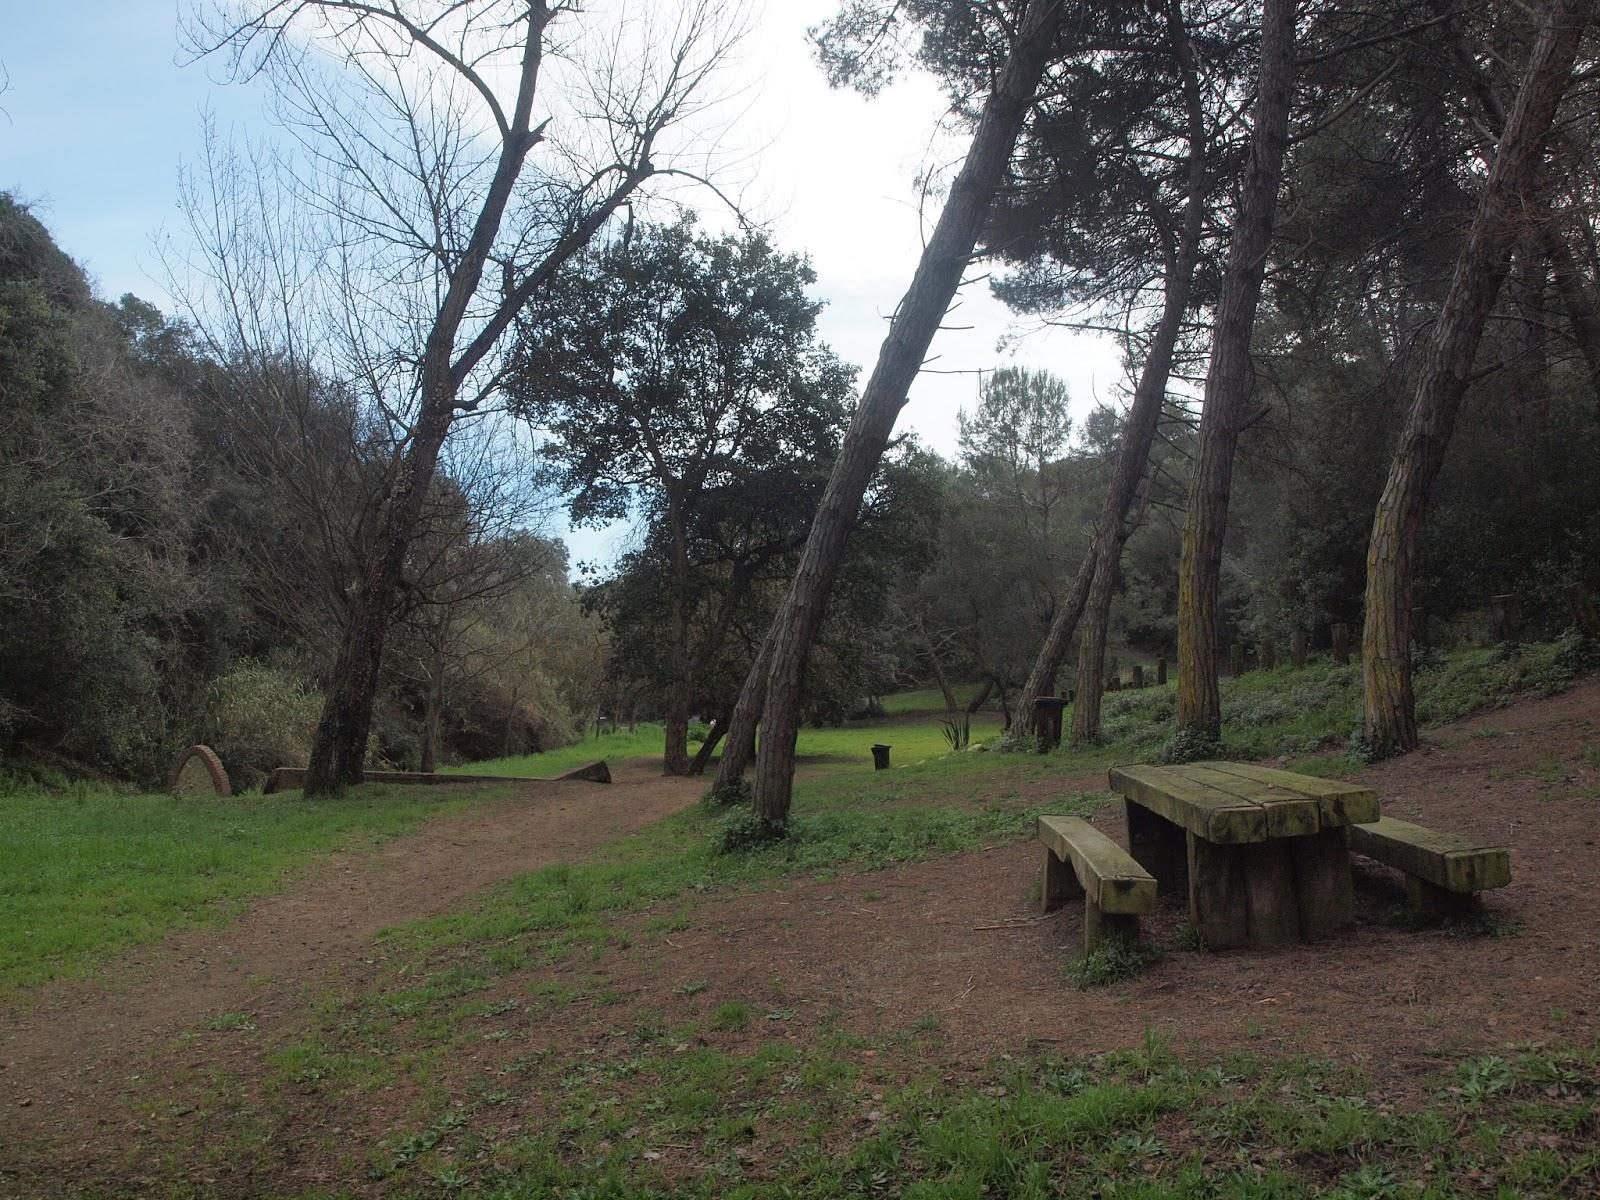 SOM DE PÍCNIC: Àrea de pícnic Parc Font del Boter, Santa Susanna, Maresme